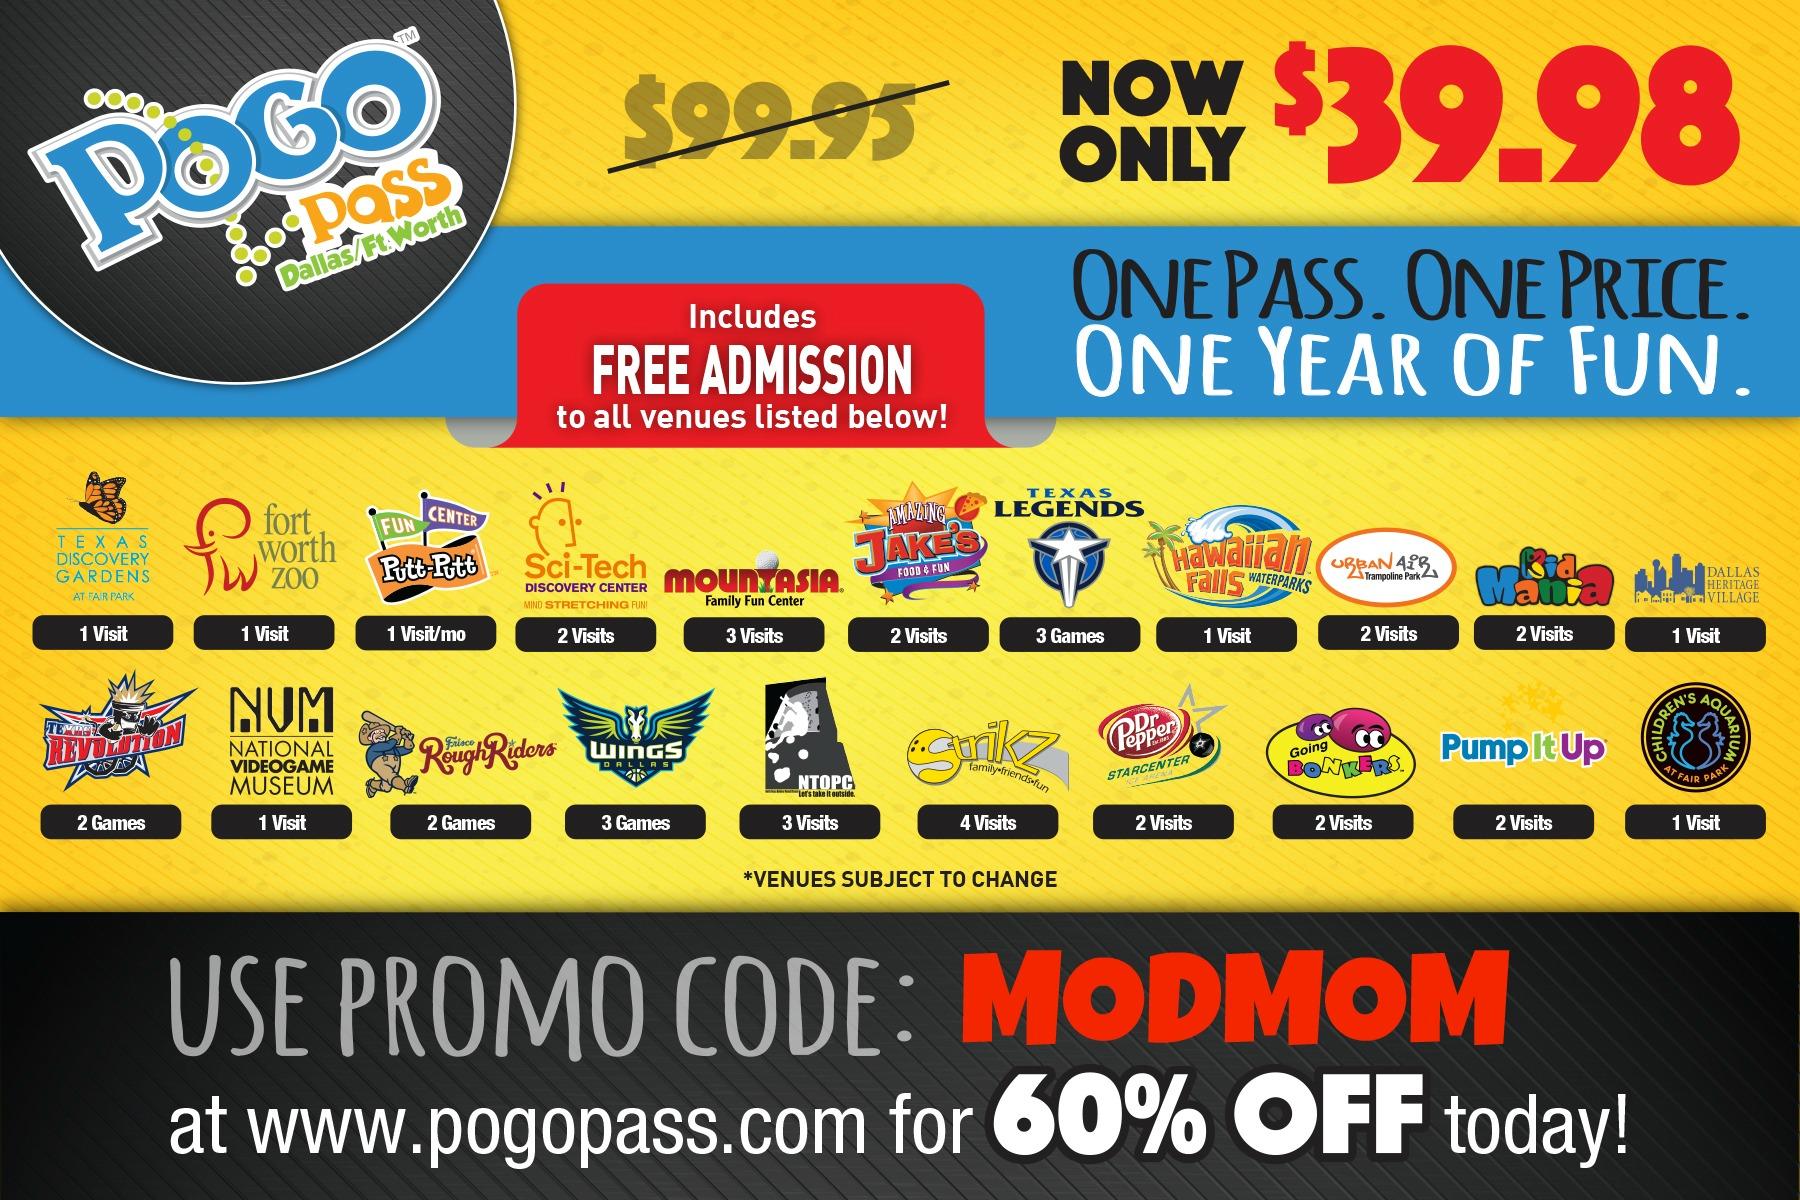 pogo pass Hawaiian falls coupon